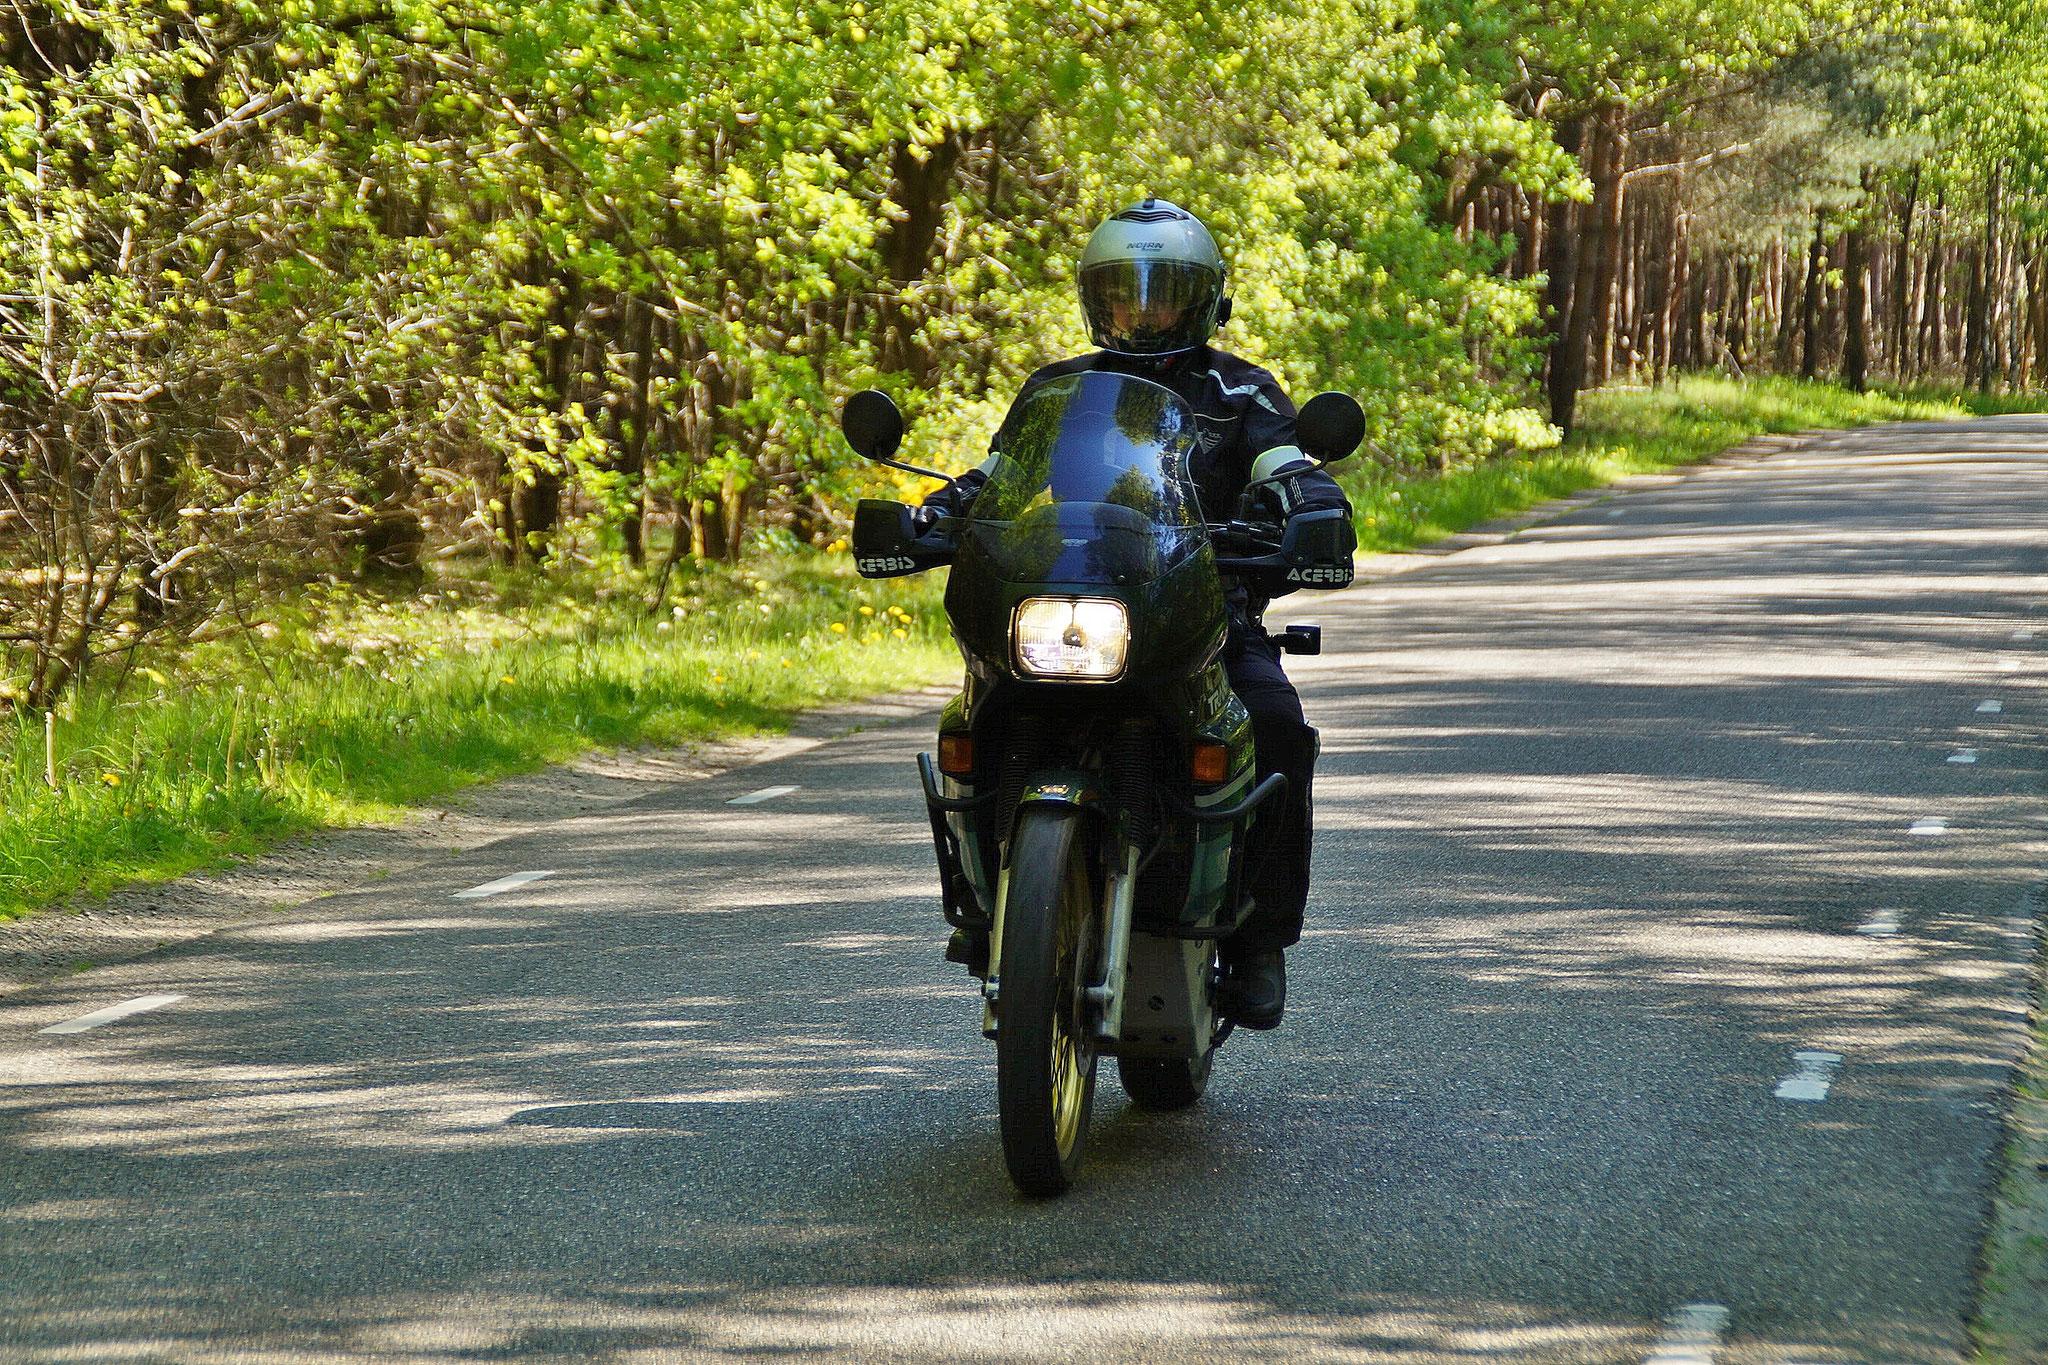 Motorradfahren macht Spaß